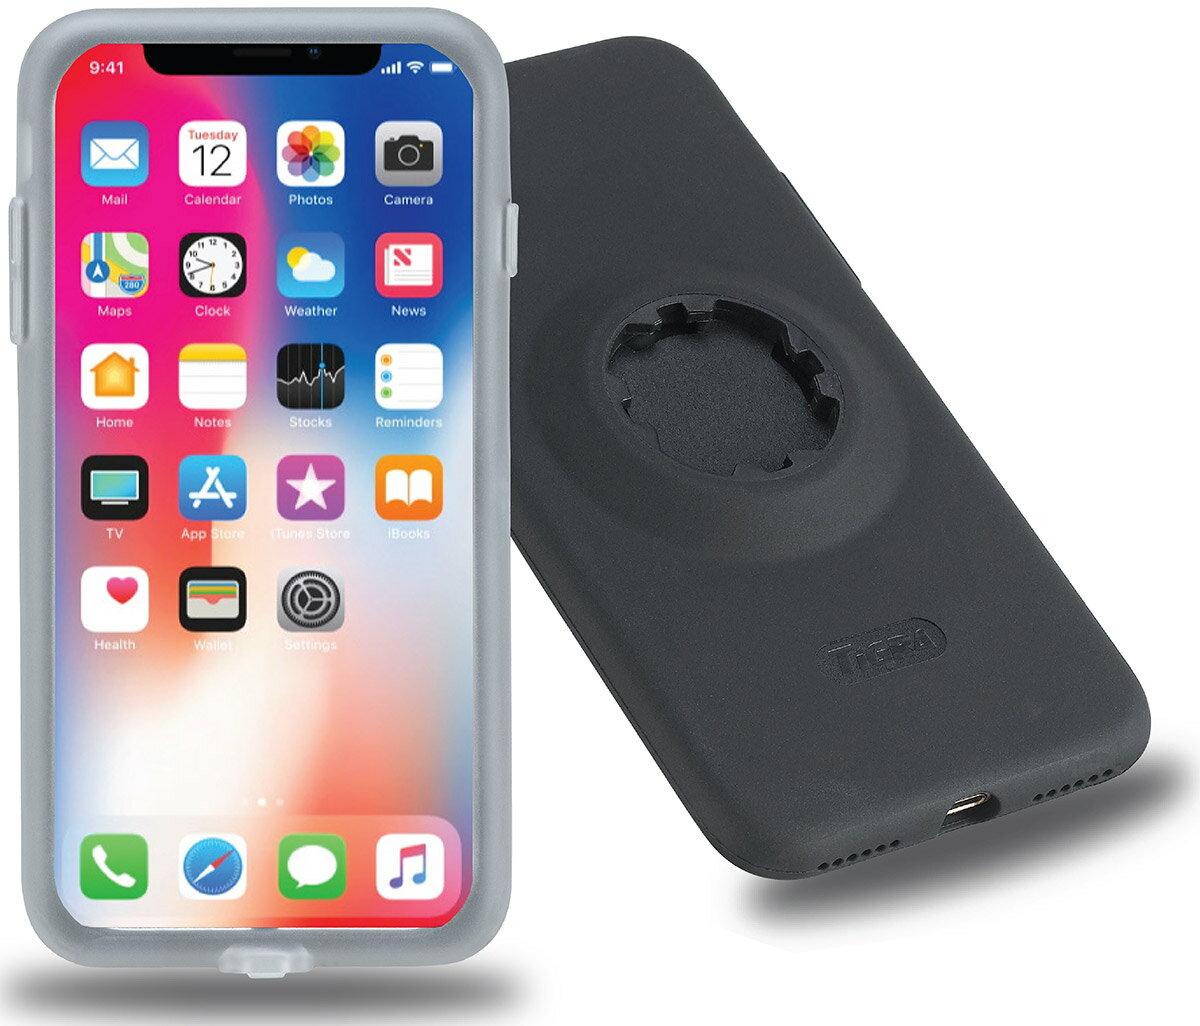 ケース単品 TiGRA Sport MountCase for iPhone X|iphone スマホ 自転車 アイフォンx スマホケース 携帯ケース おしゃれ ケース iPhoneケース アクセサリー iPhonexケース iphone10 携帯 スマホホルダー 自転車ホルダー ロードバイク ホルダー スタンド バイクホルダー